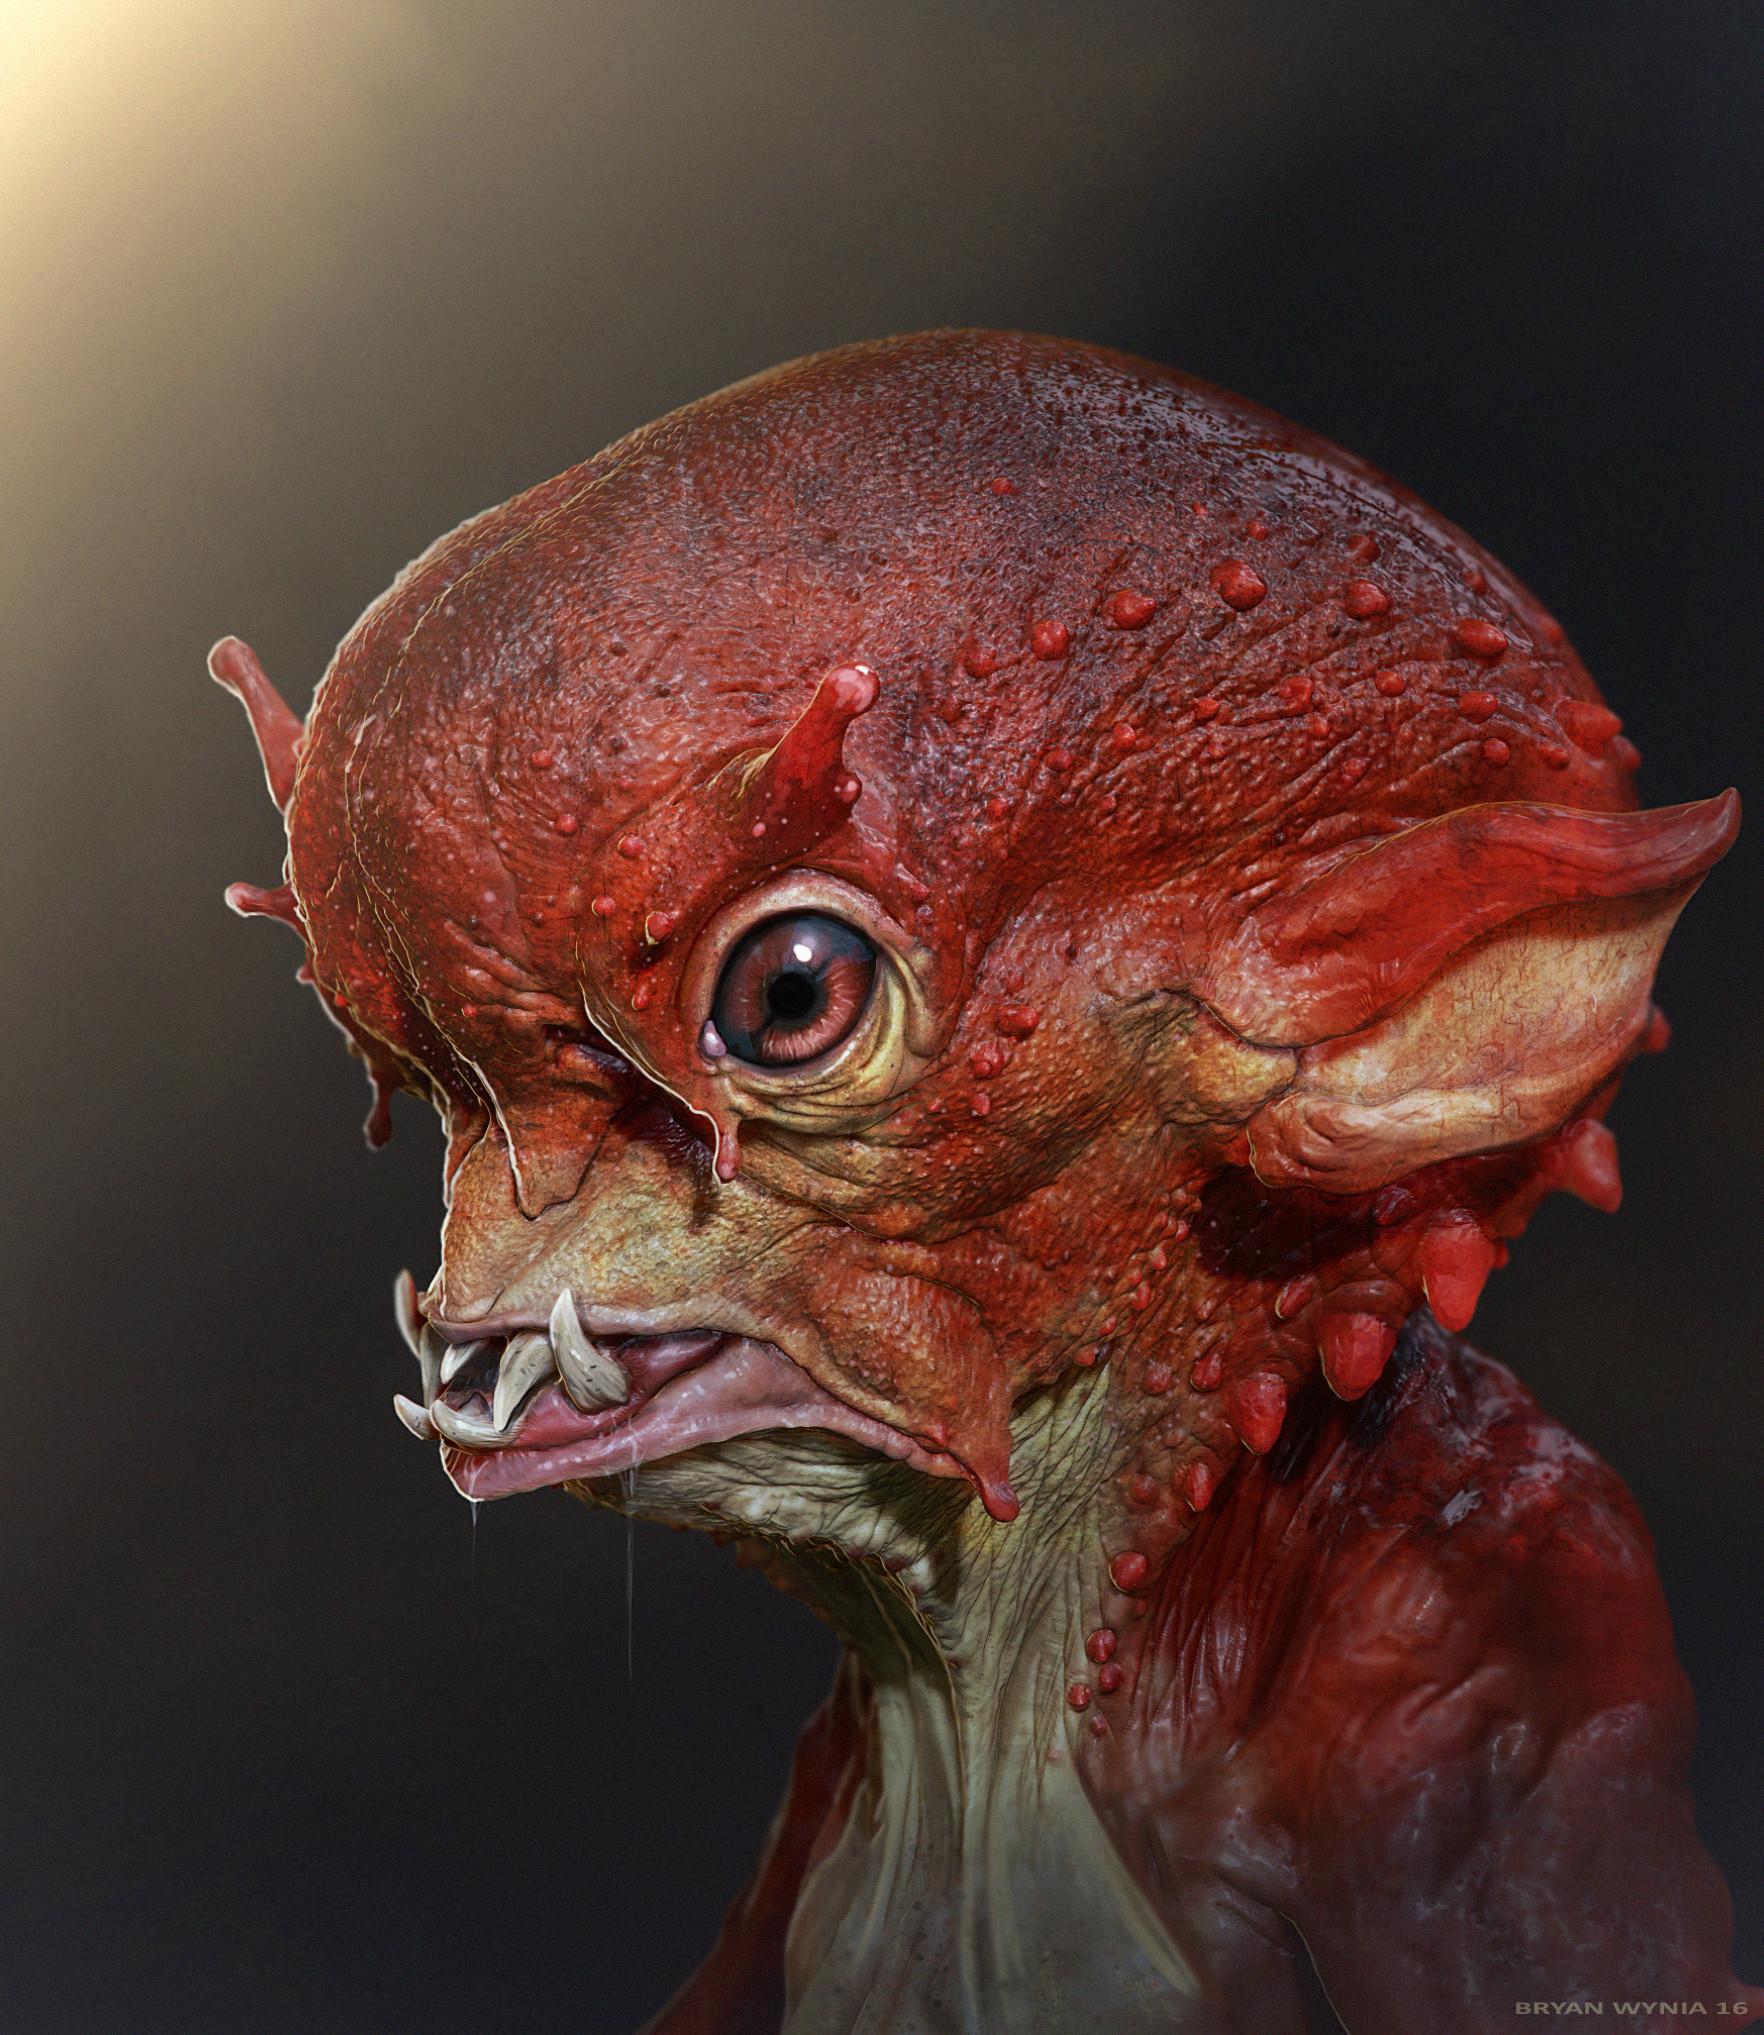 того картинки про животных мутантов сайте проектные работы